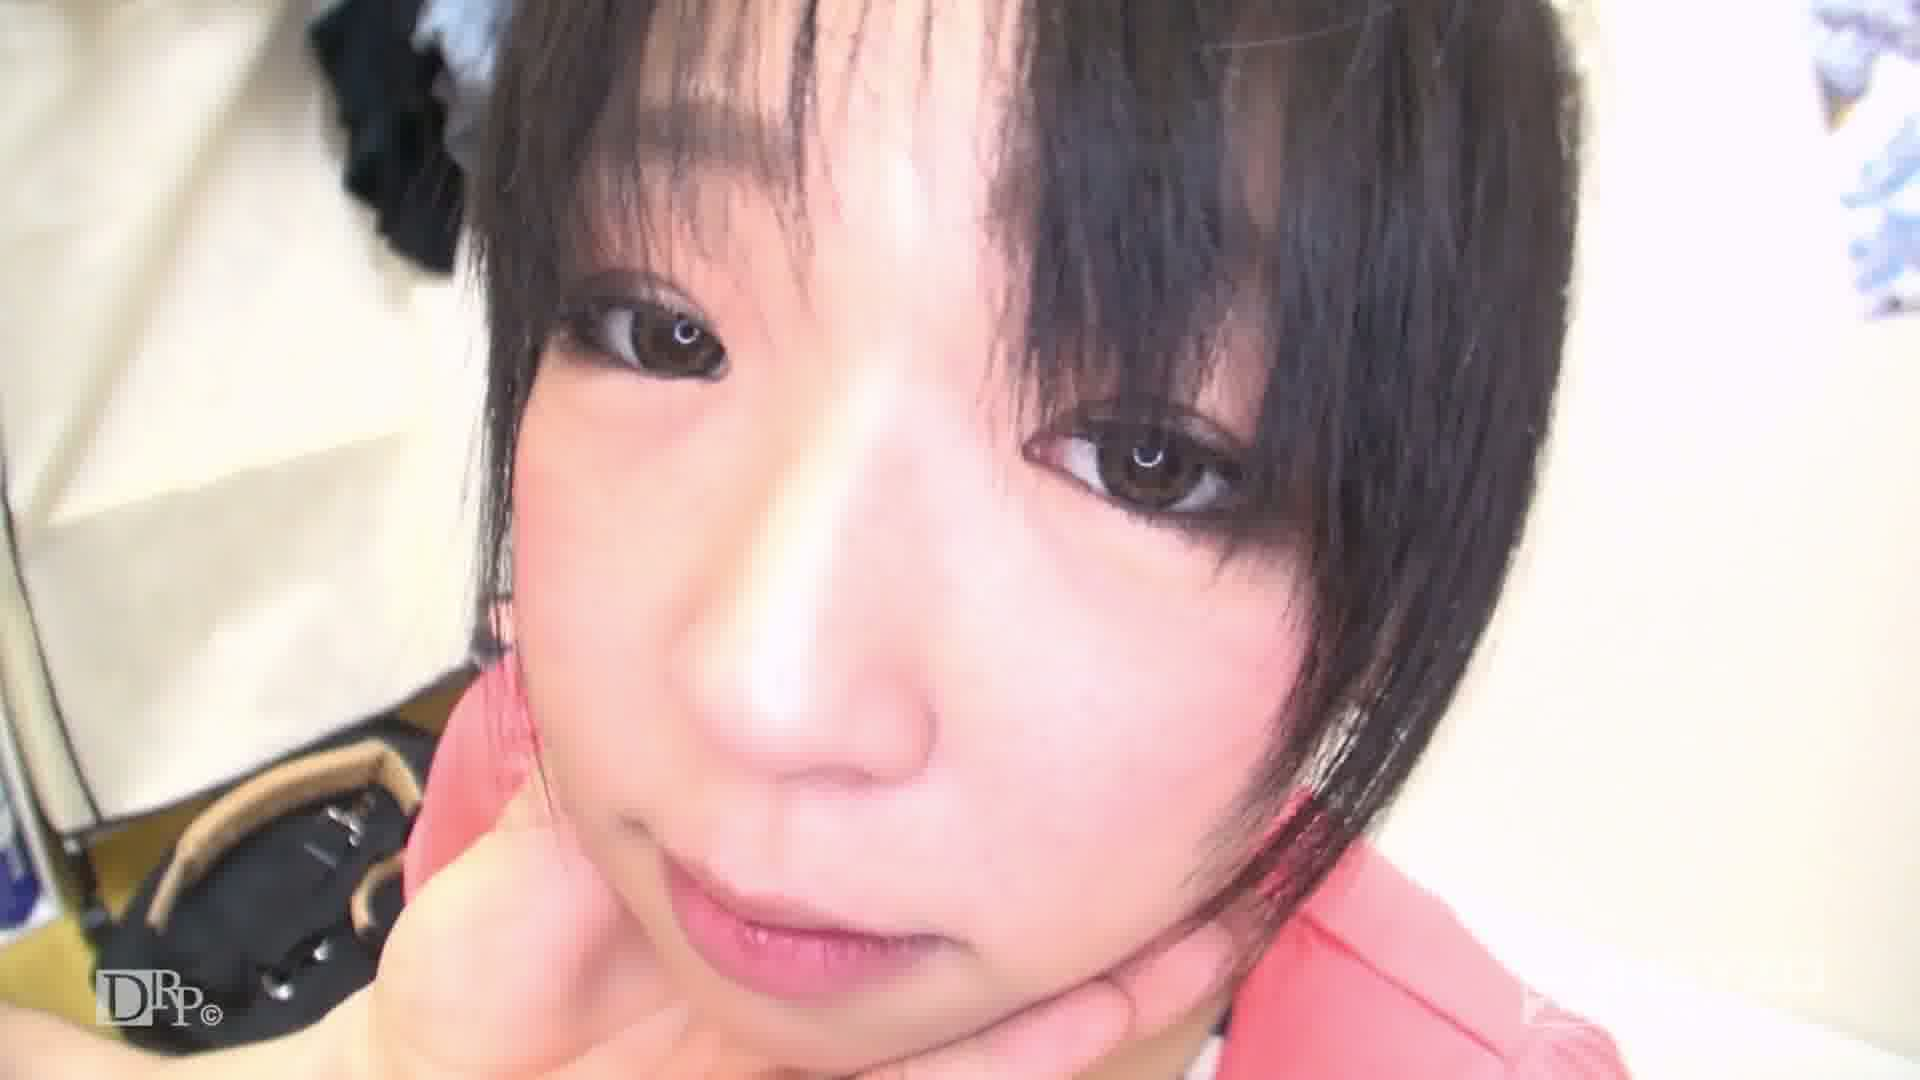 HAMEZO~ハメ撮りコレクション~vol.26 - 加護あんな【インタビュー 脱衣 オナニー 電マ 潮吹き】